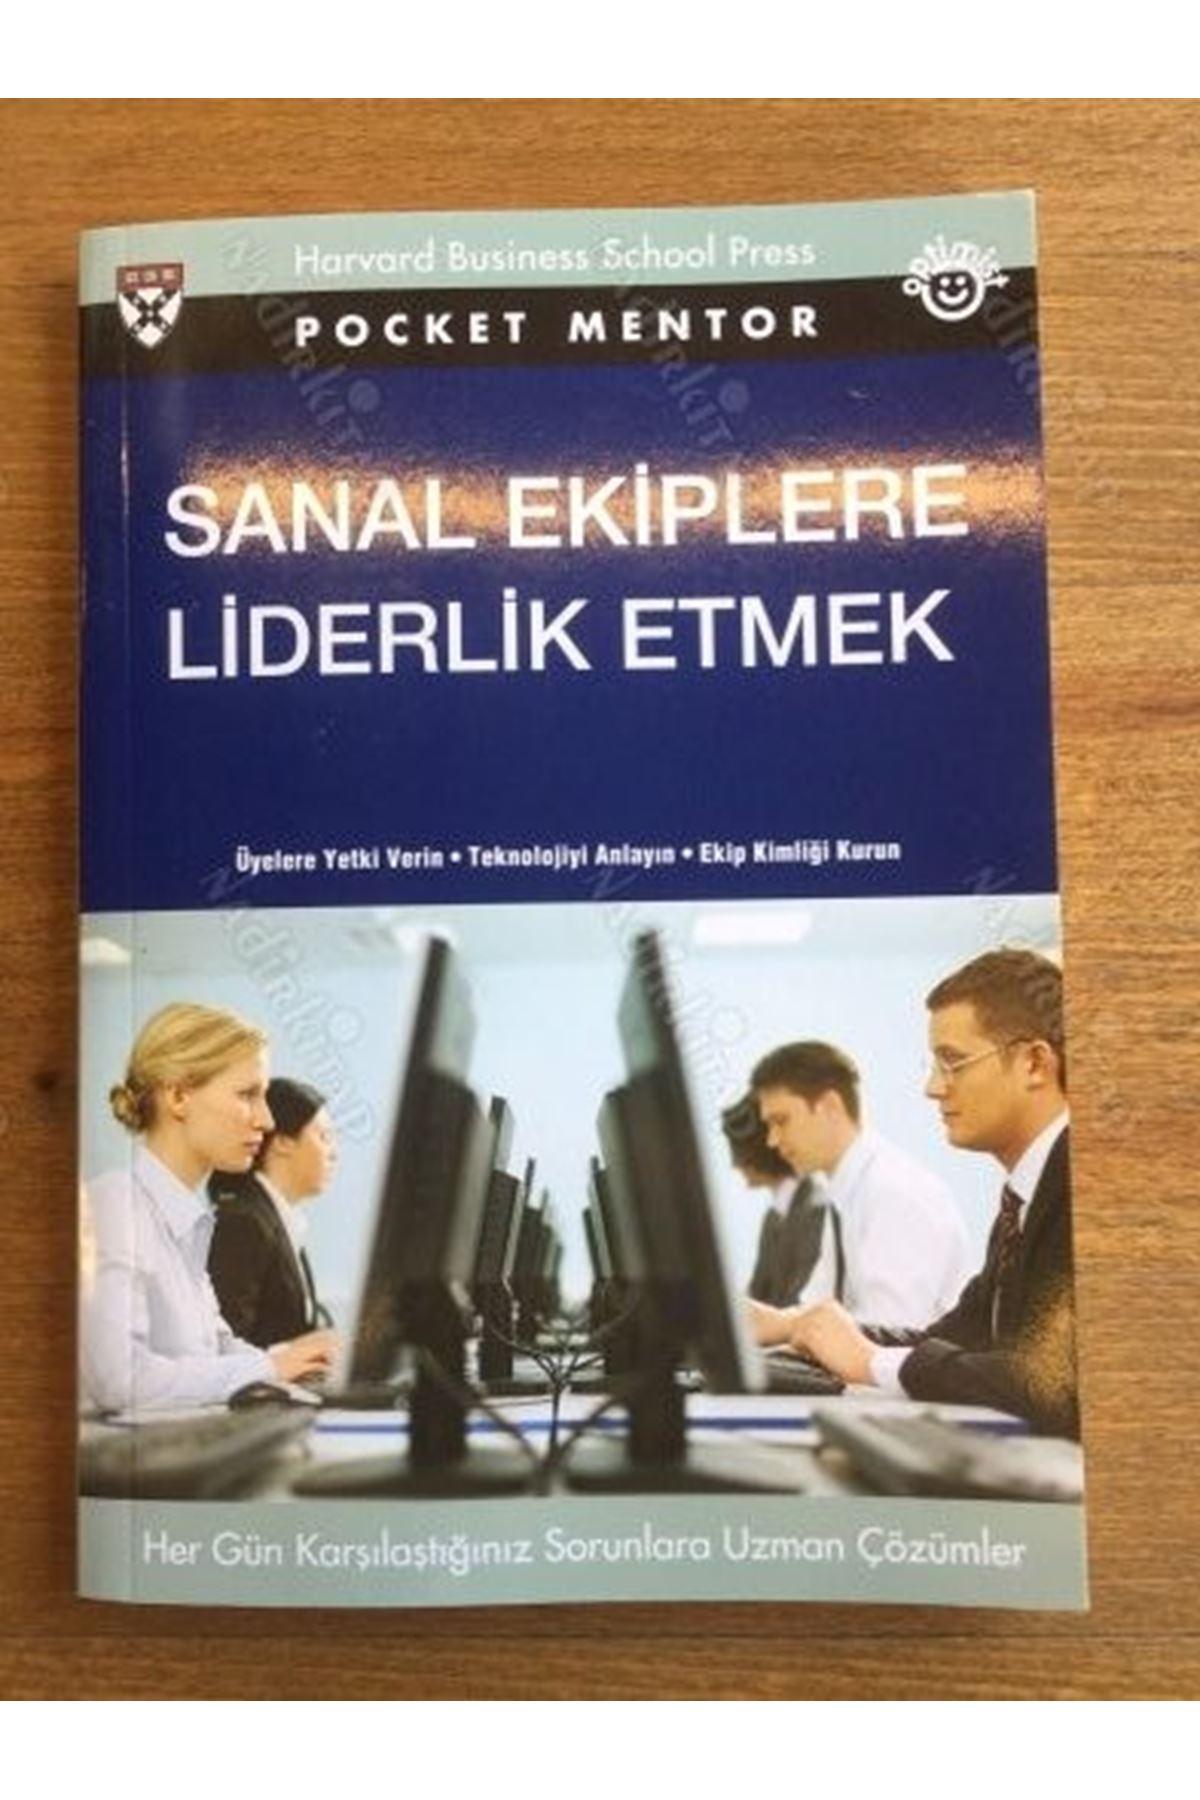 POCKET MENTOR - SANAL EKİPLERE LİDERLİK ETMEK